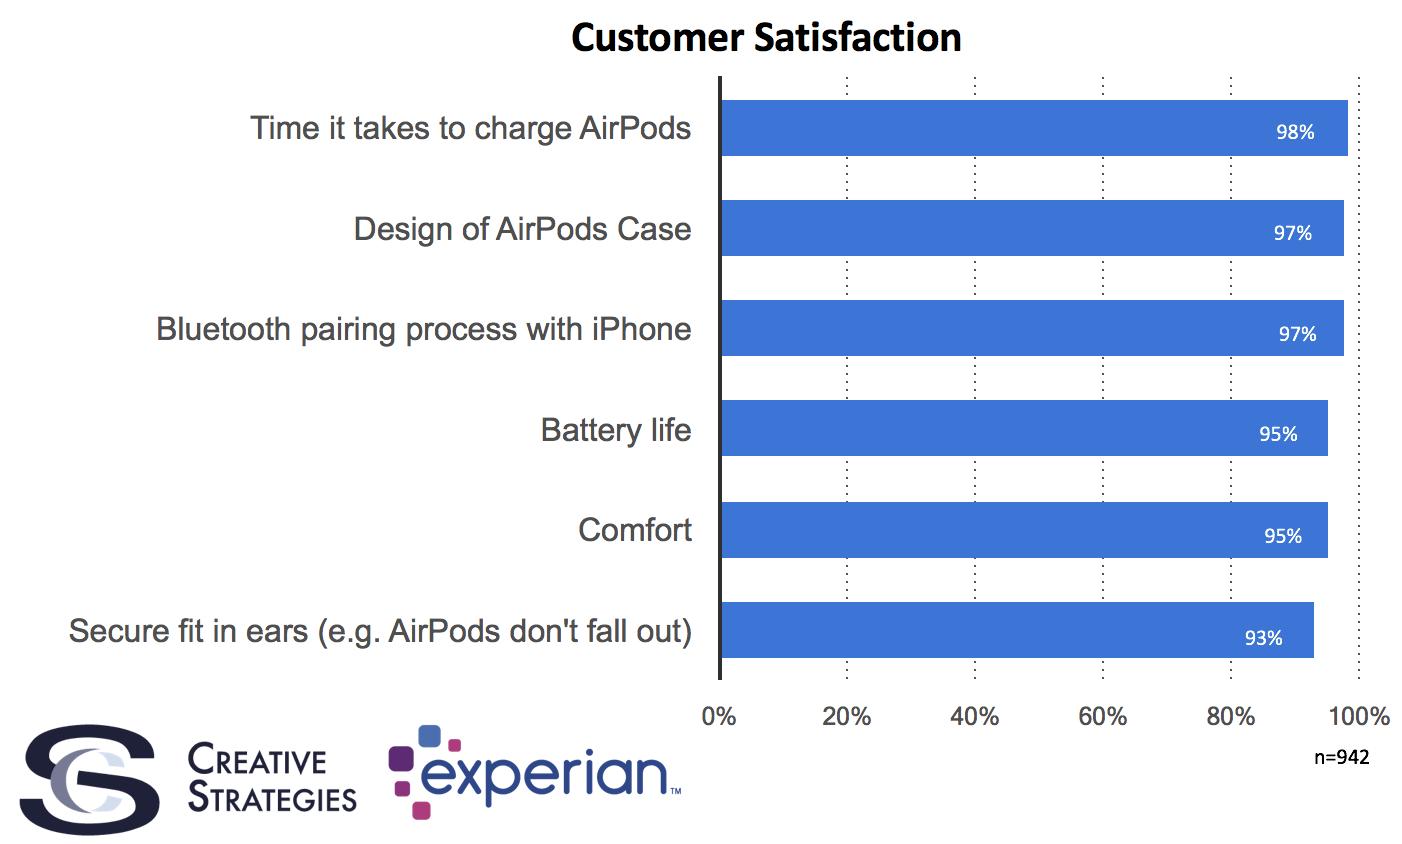 airpods satisfactie mare consumatori